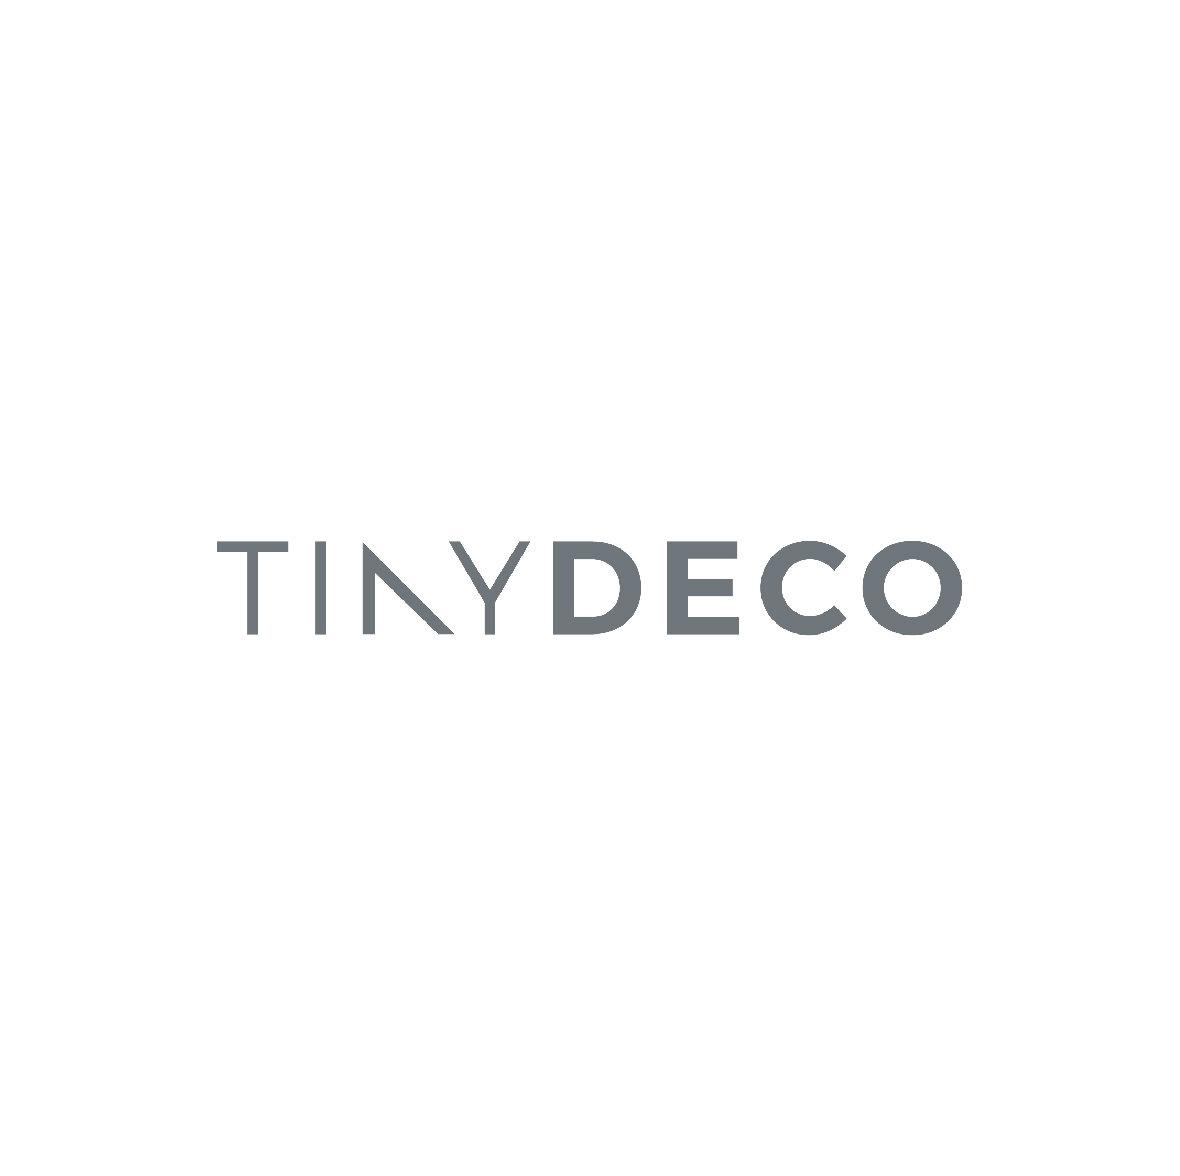 Tiny Deco